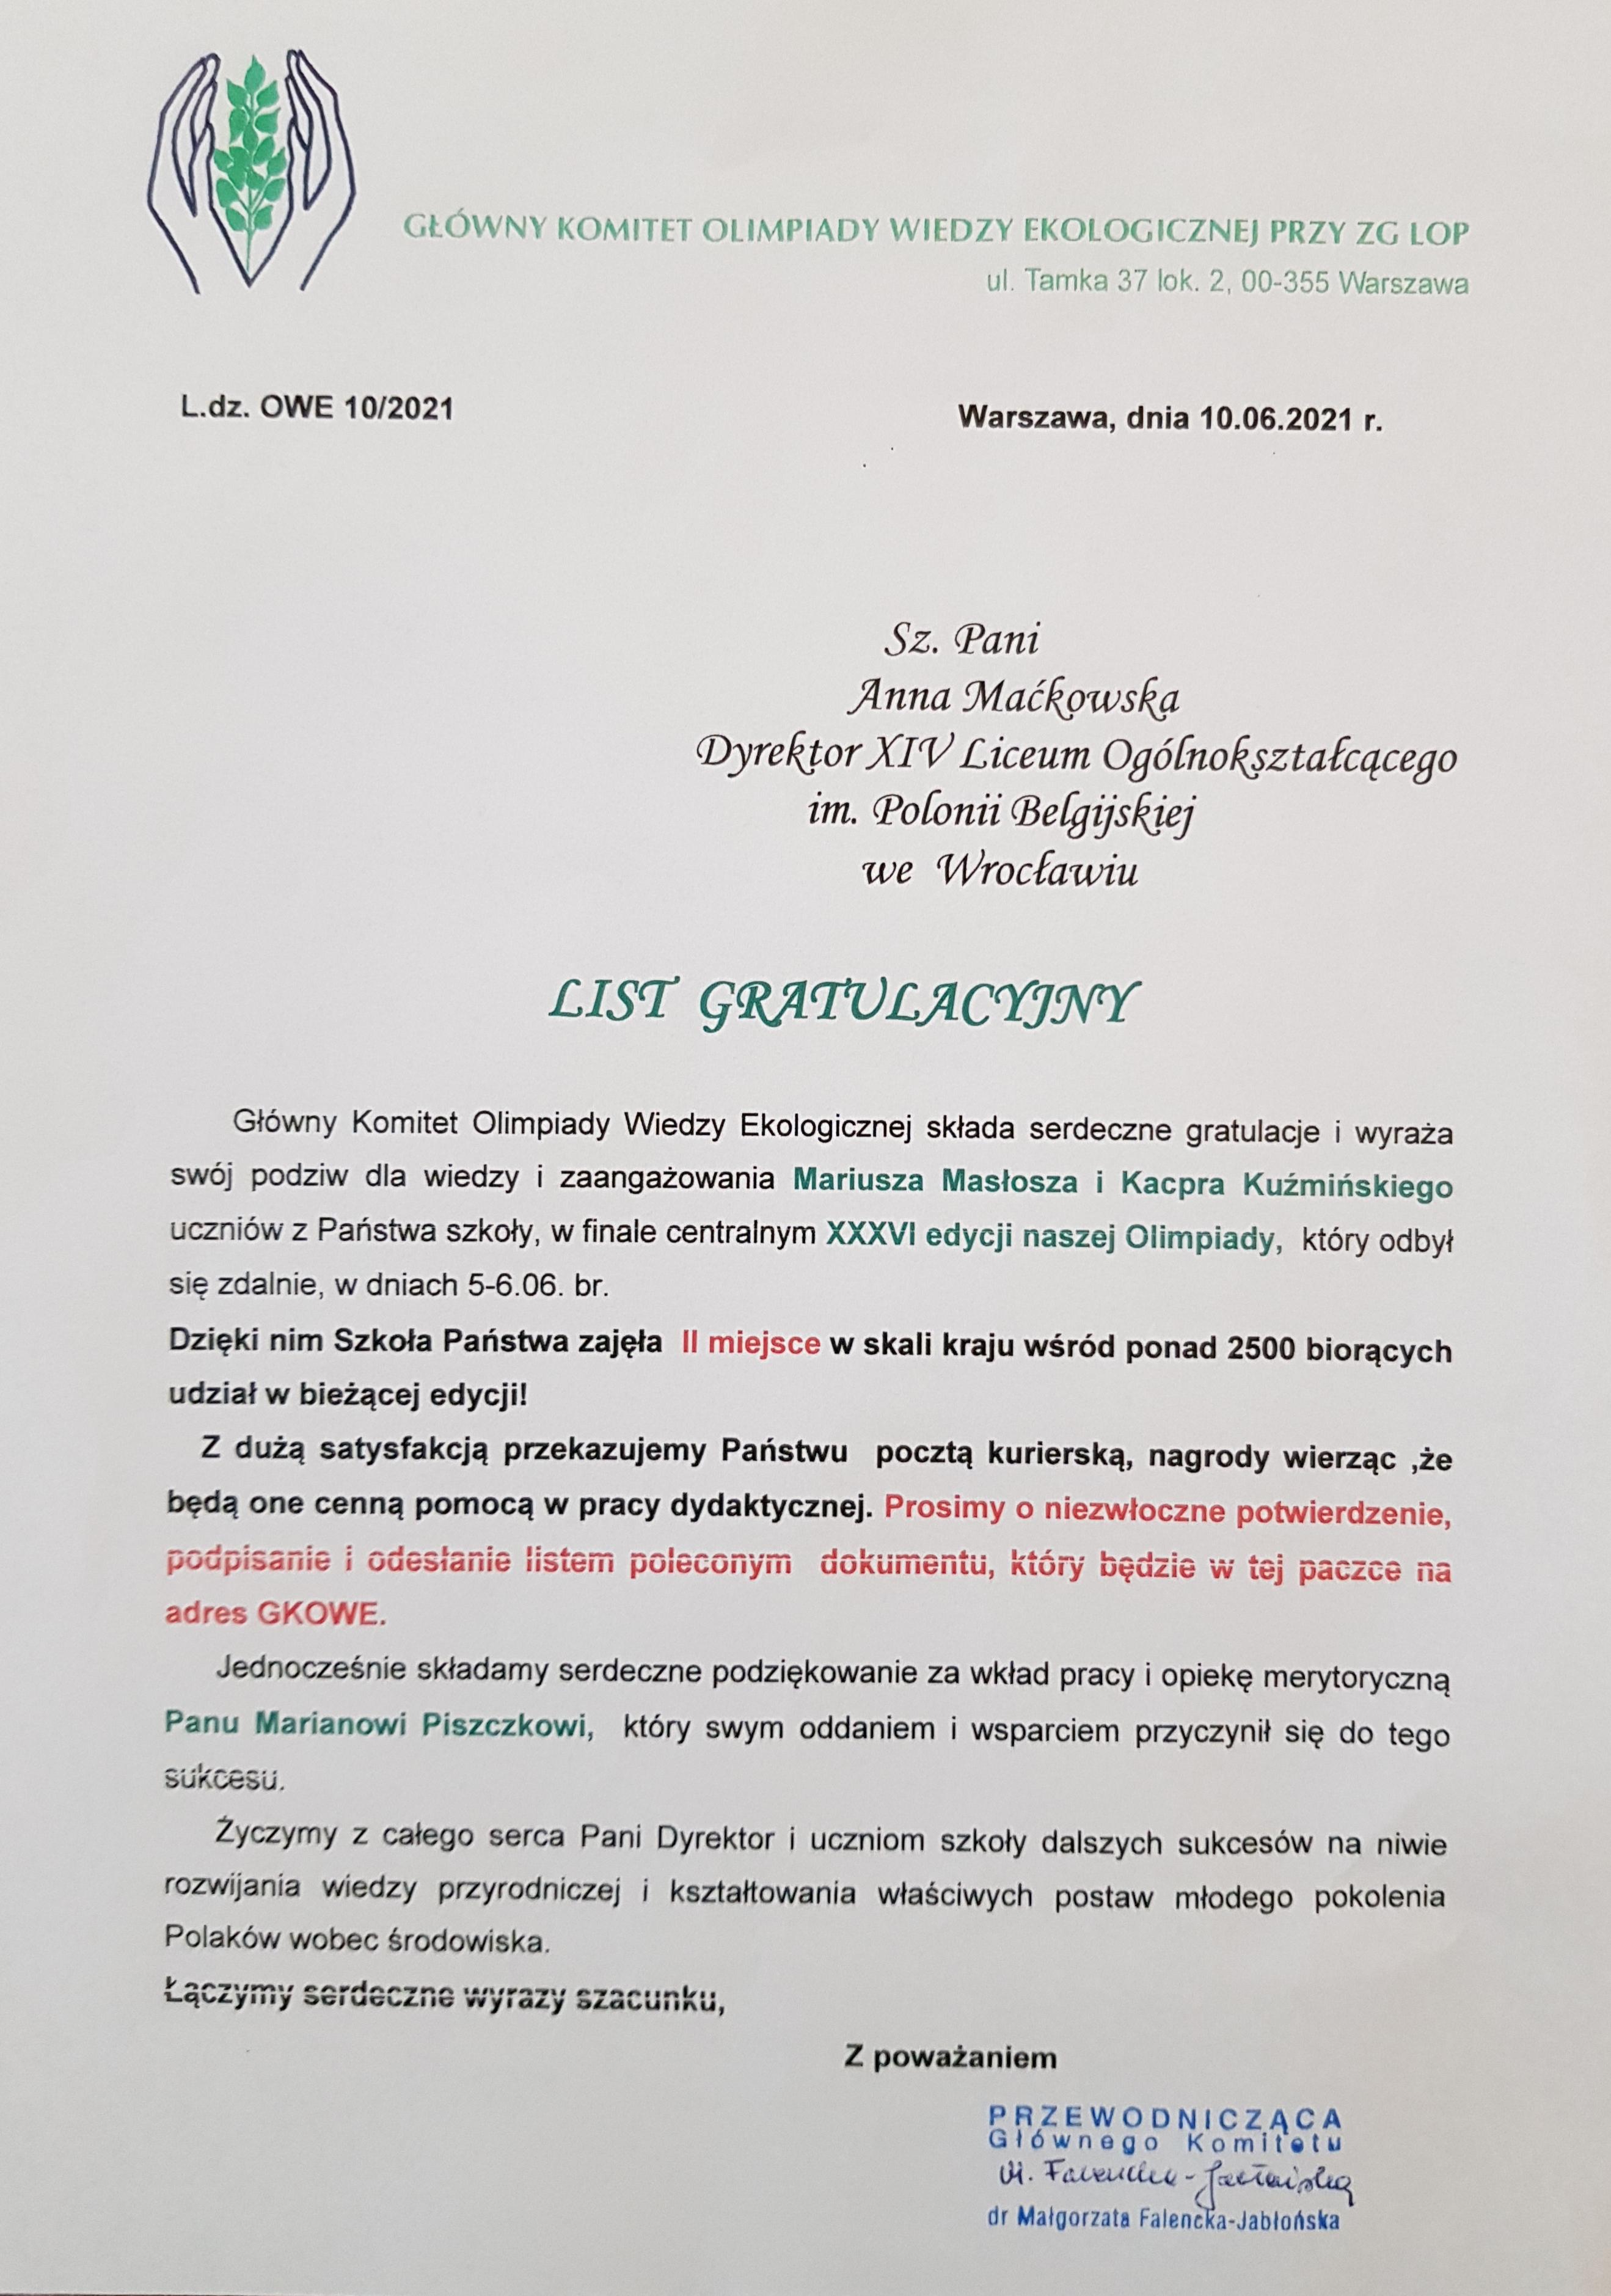 XIV LO - List gratulacyjny Olimpiada Wiedzy Ekologicznej